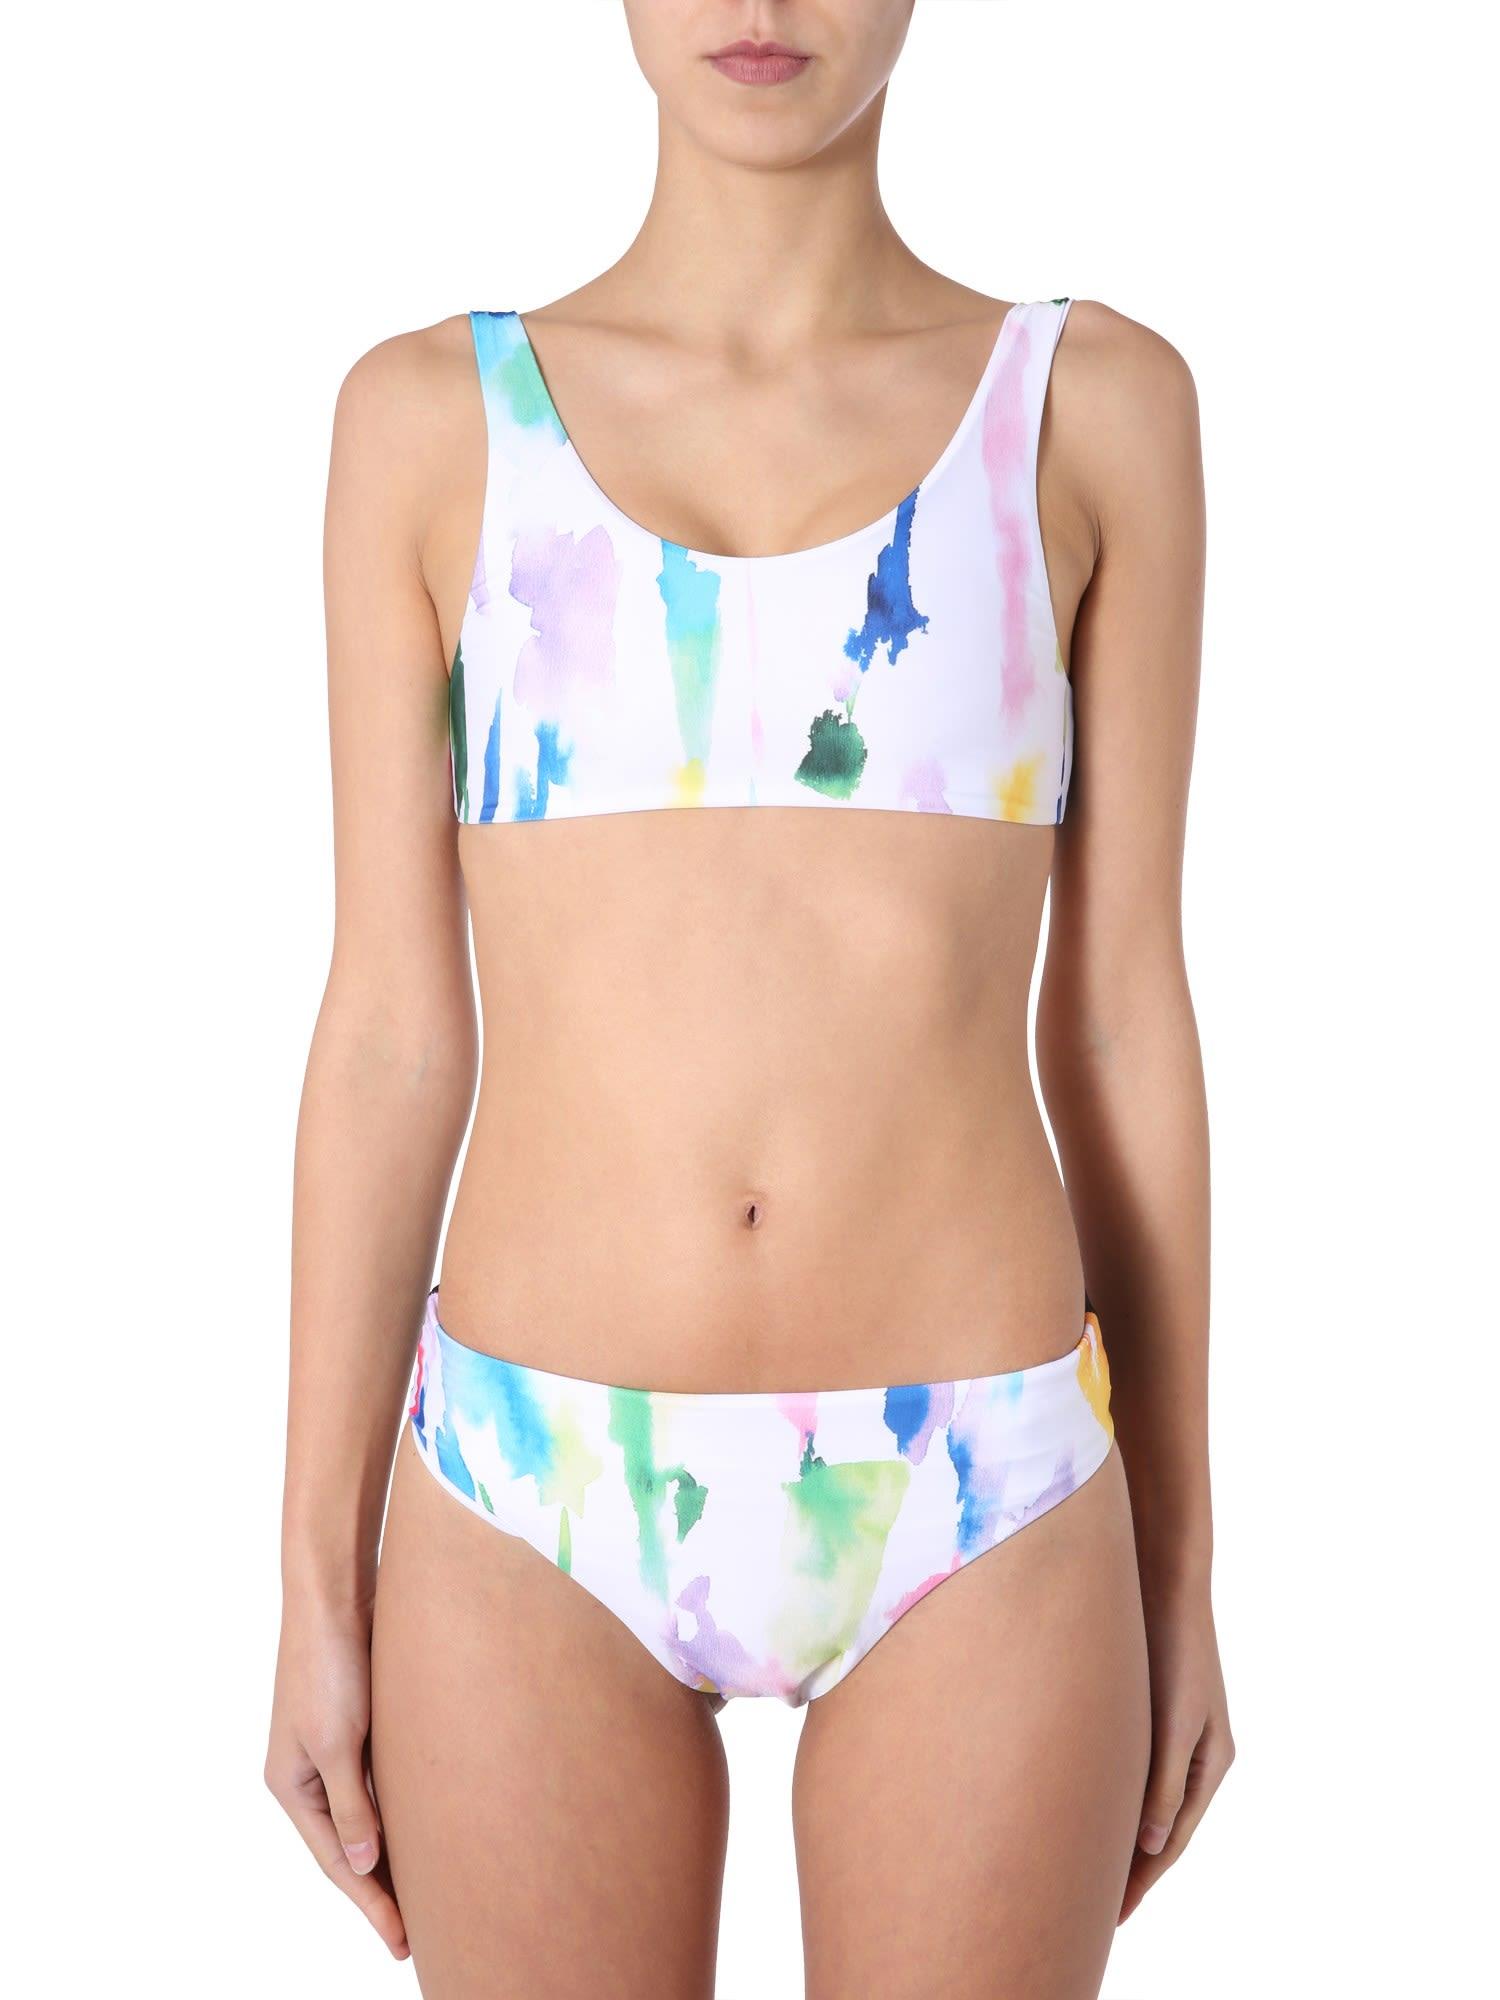 Slip Bikini Bottom